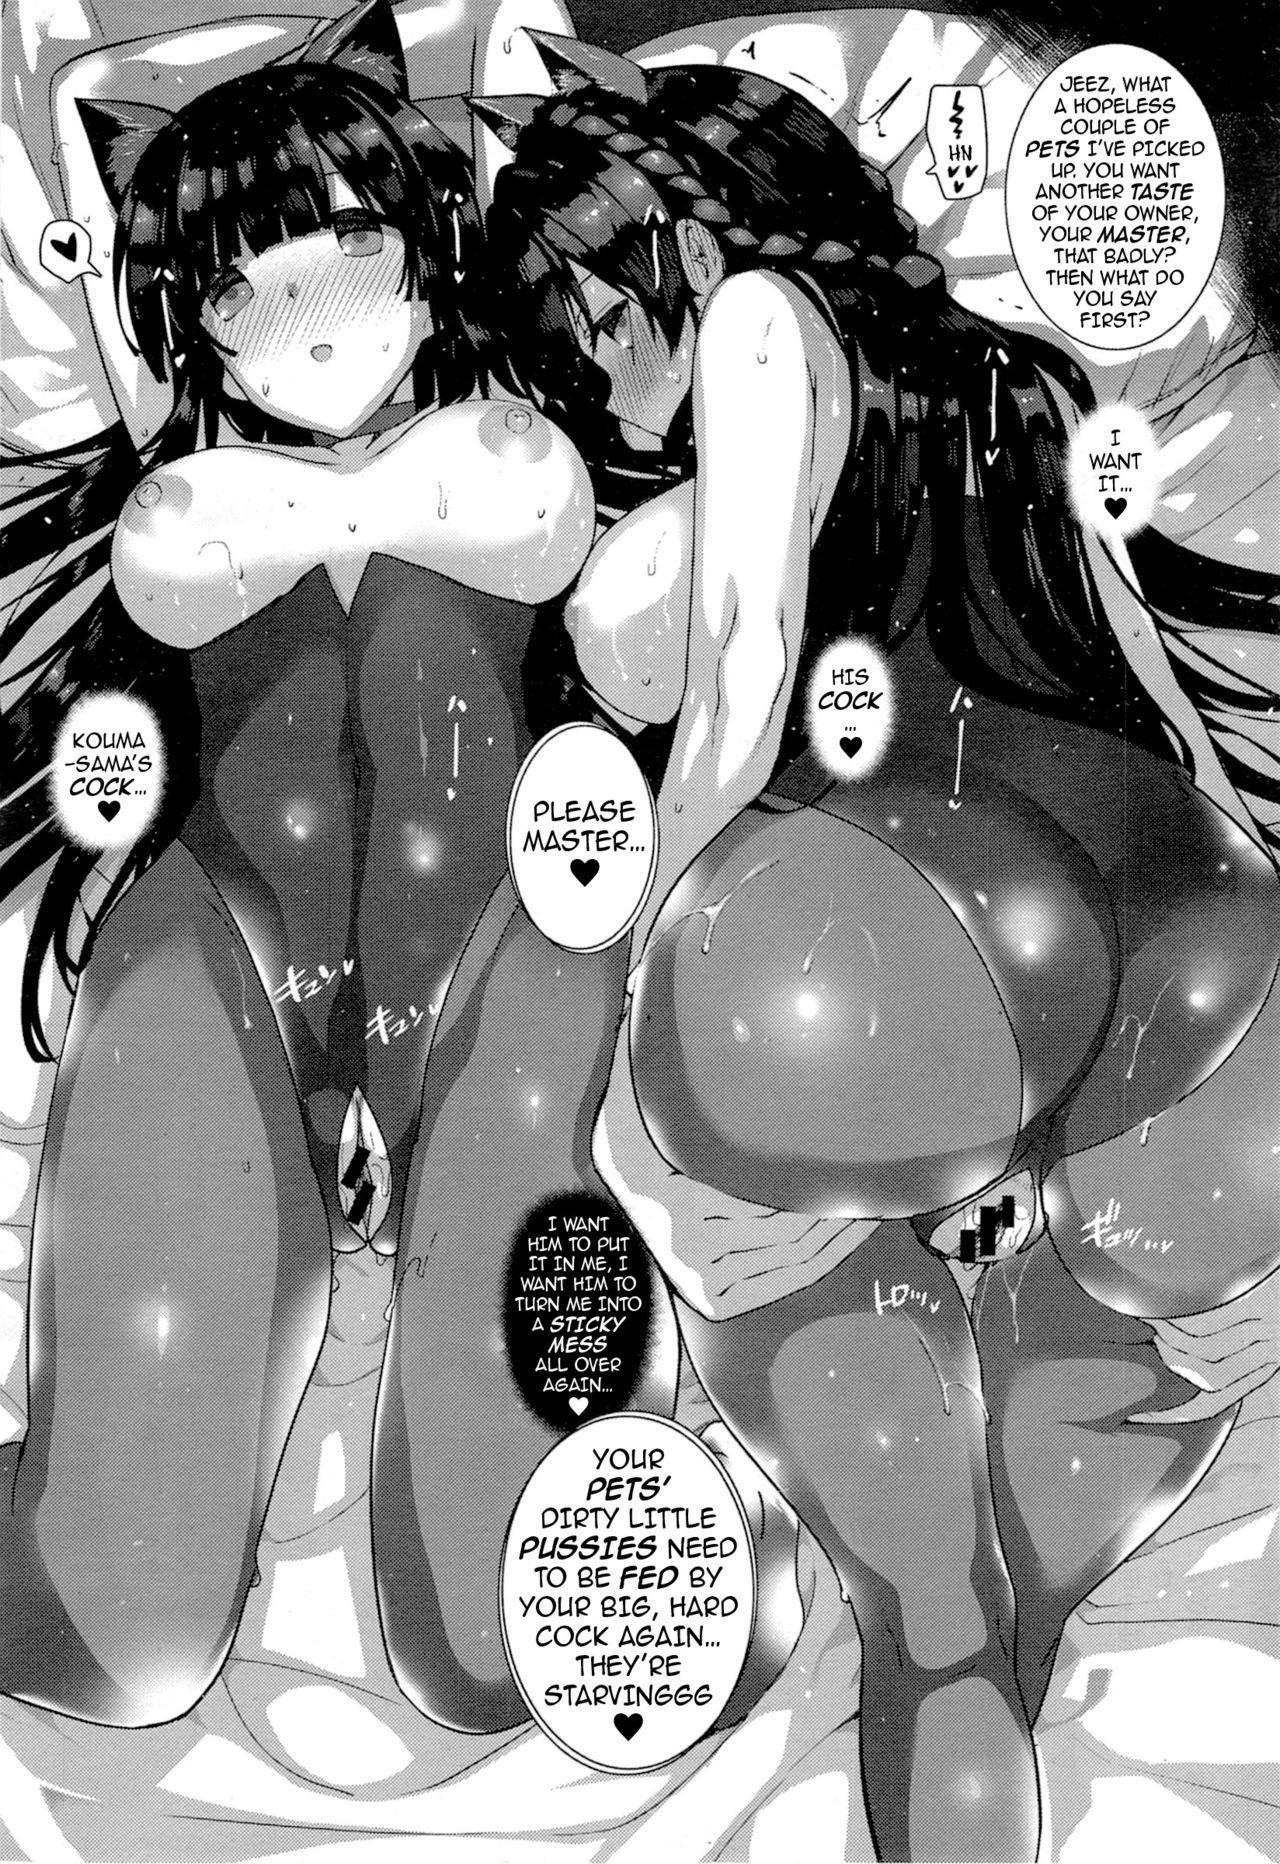 [Katsurai Yoshiaki] Amatsuka Gakuen no Ryoukan Seikatsu | Angel Academy's Hardcore Dorm Sex Life 1-2, 3.5-5 [English] {darknight} [Digital] 48